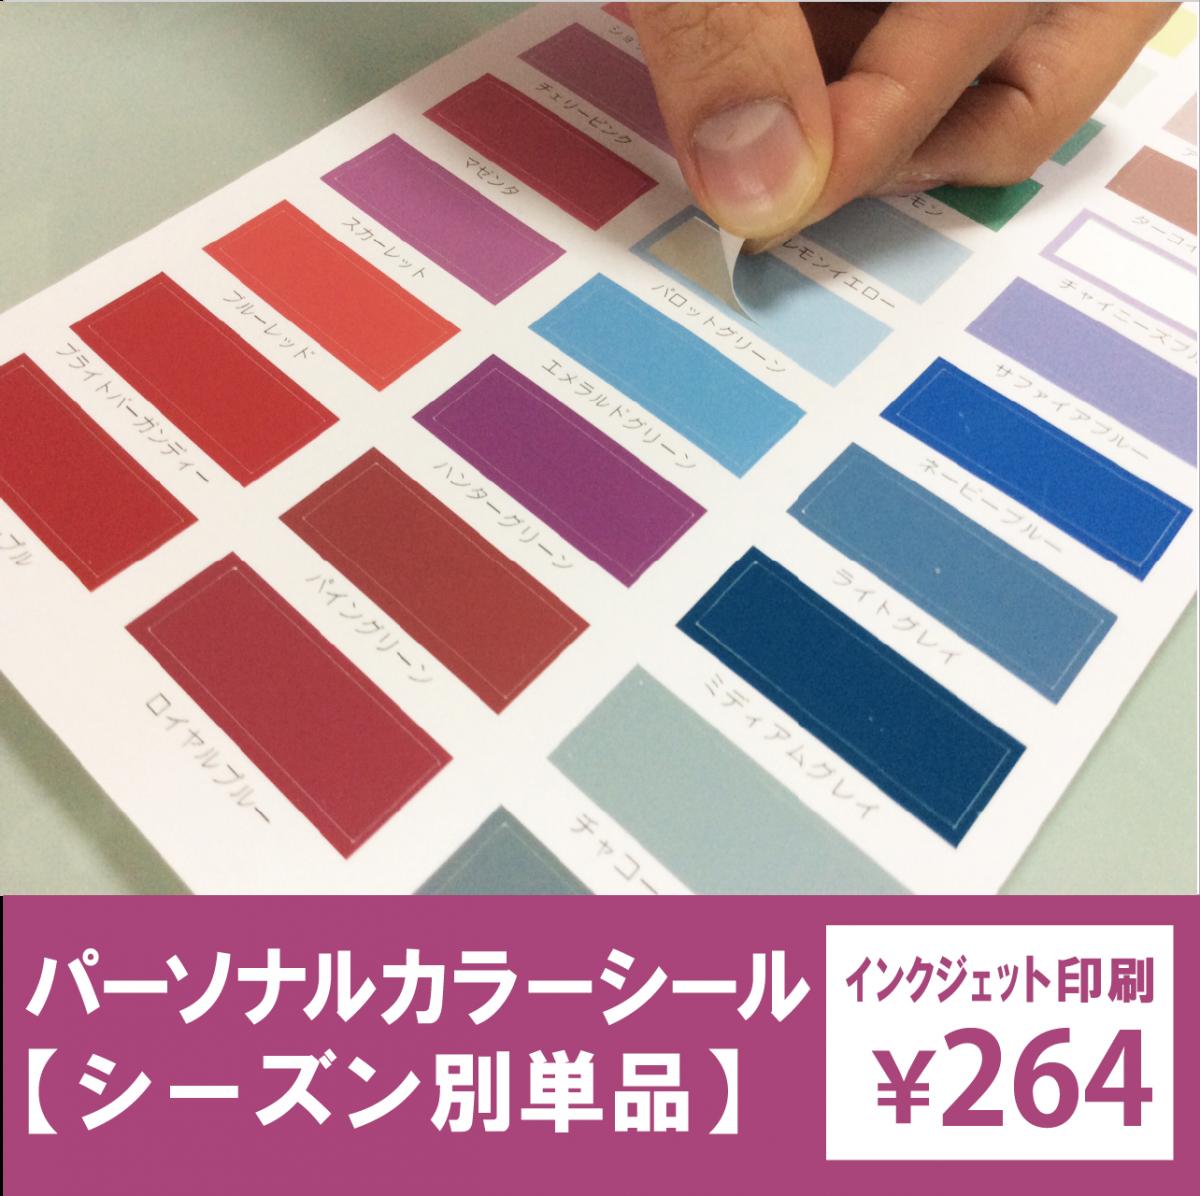 パーソナルカラーシール【シーズン別単品】